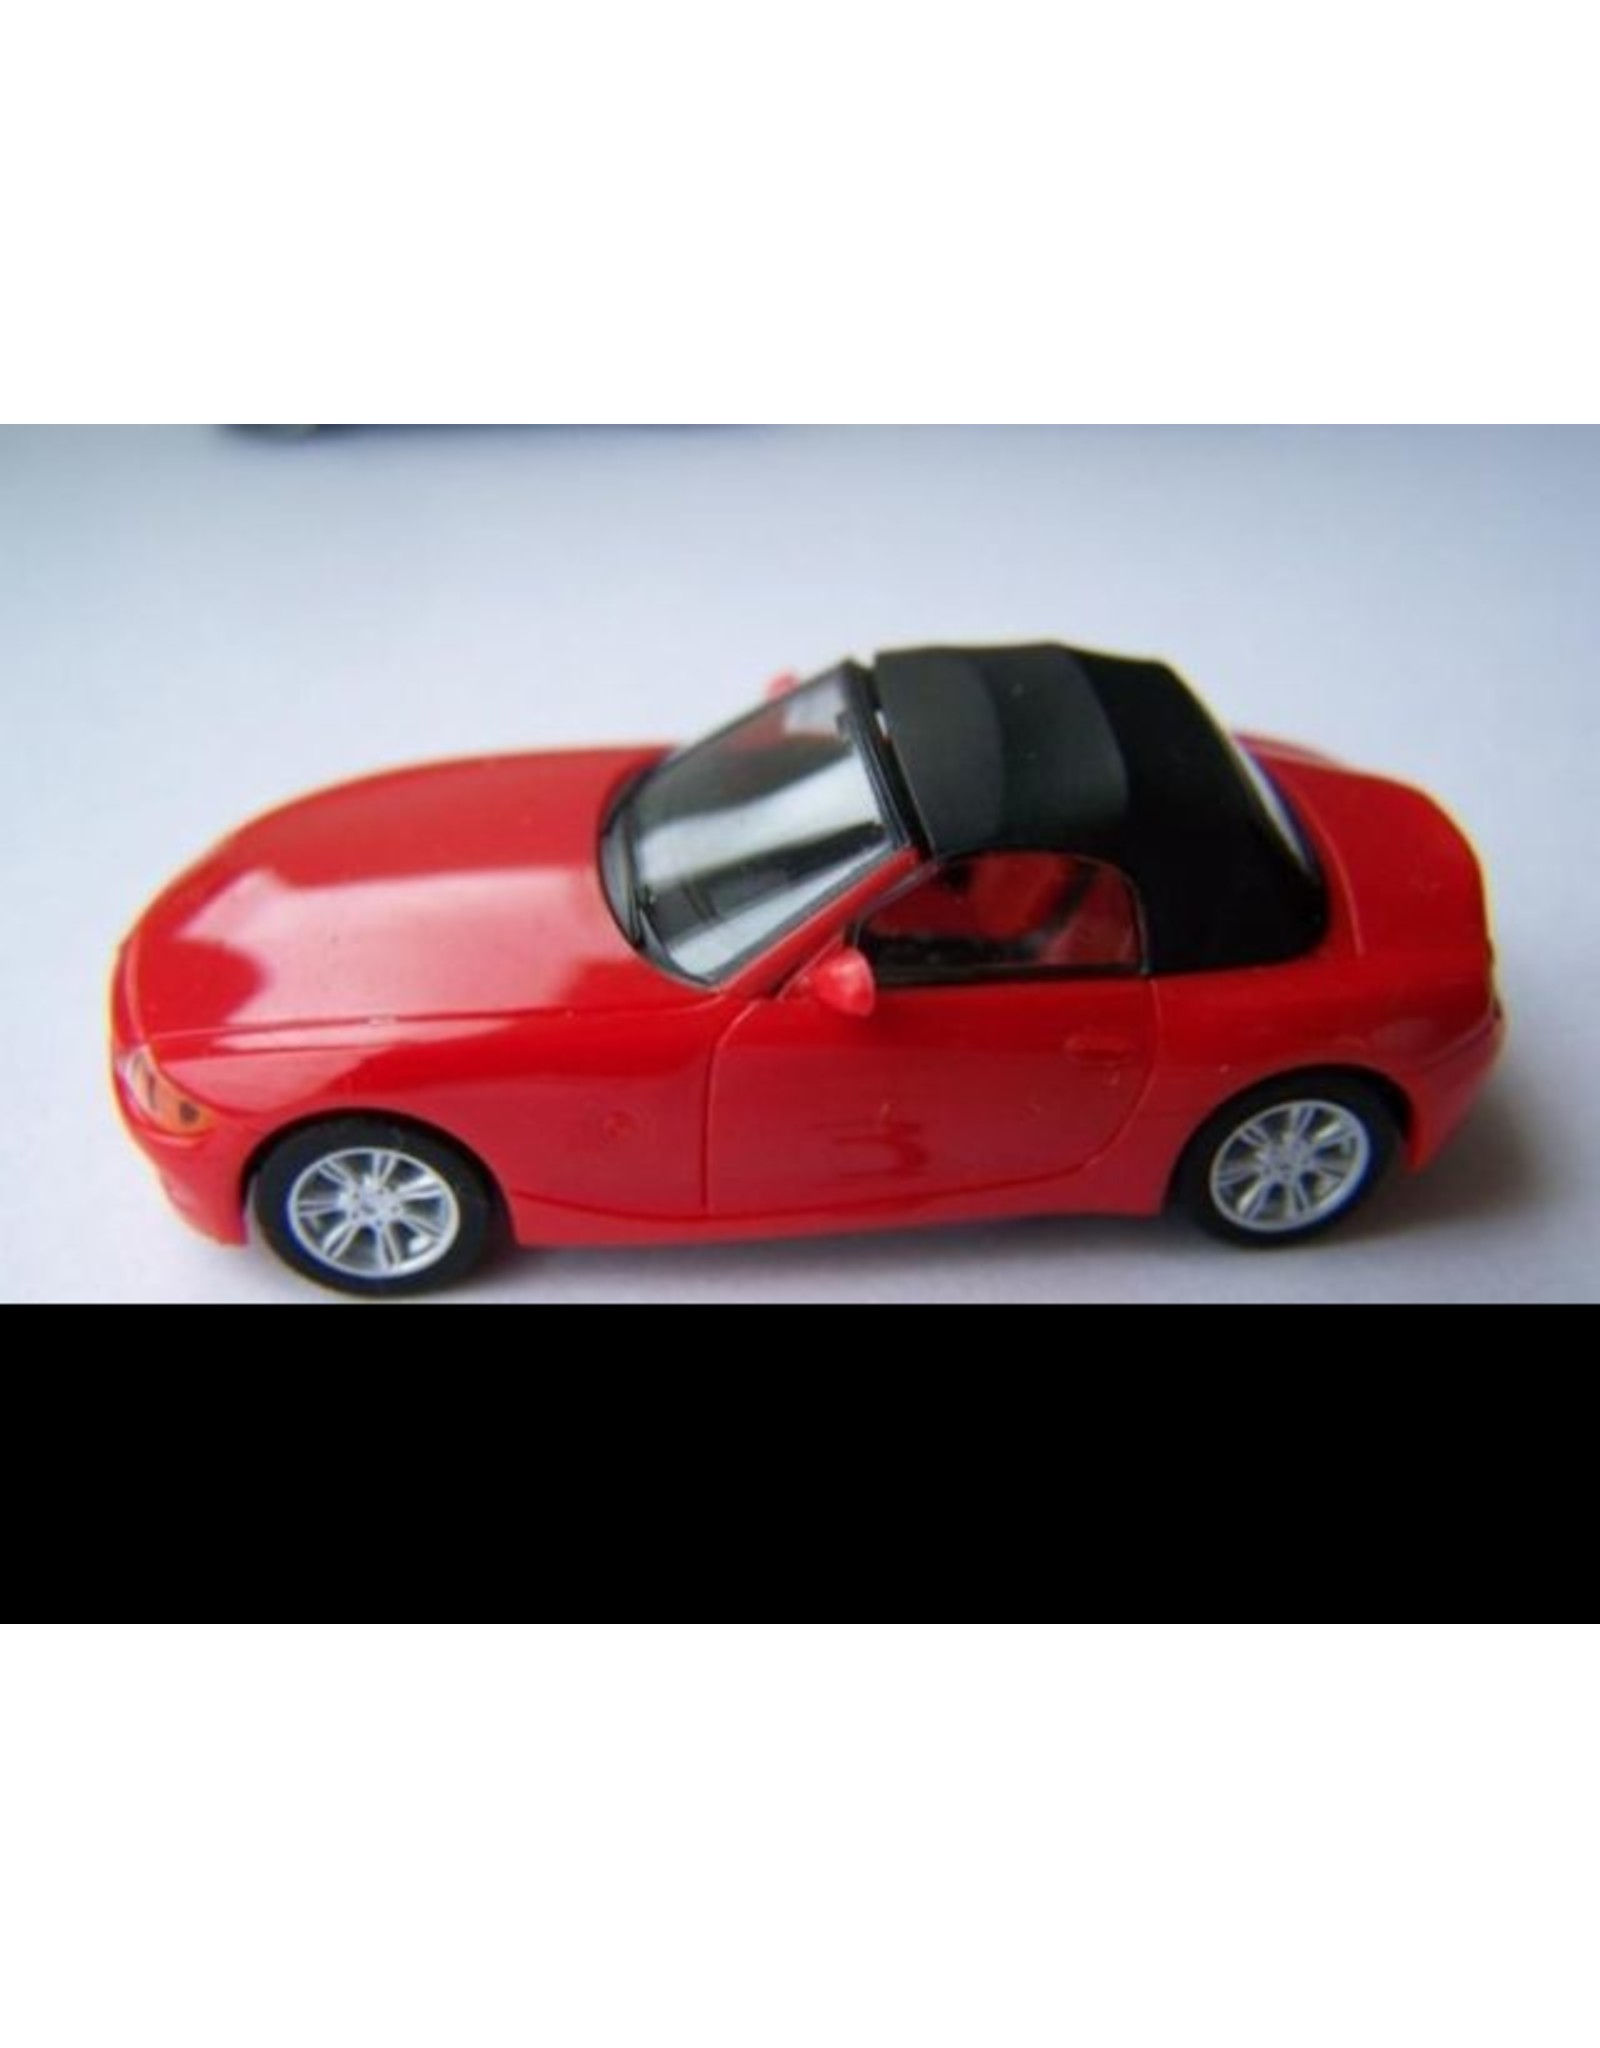 BMW BMW Z4 ROAD(red)